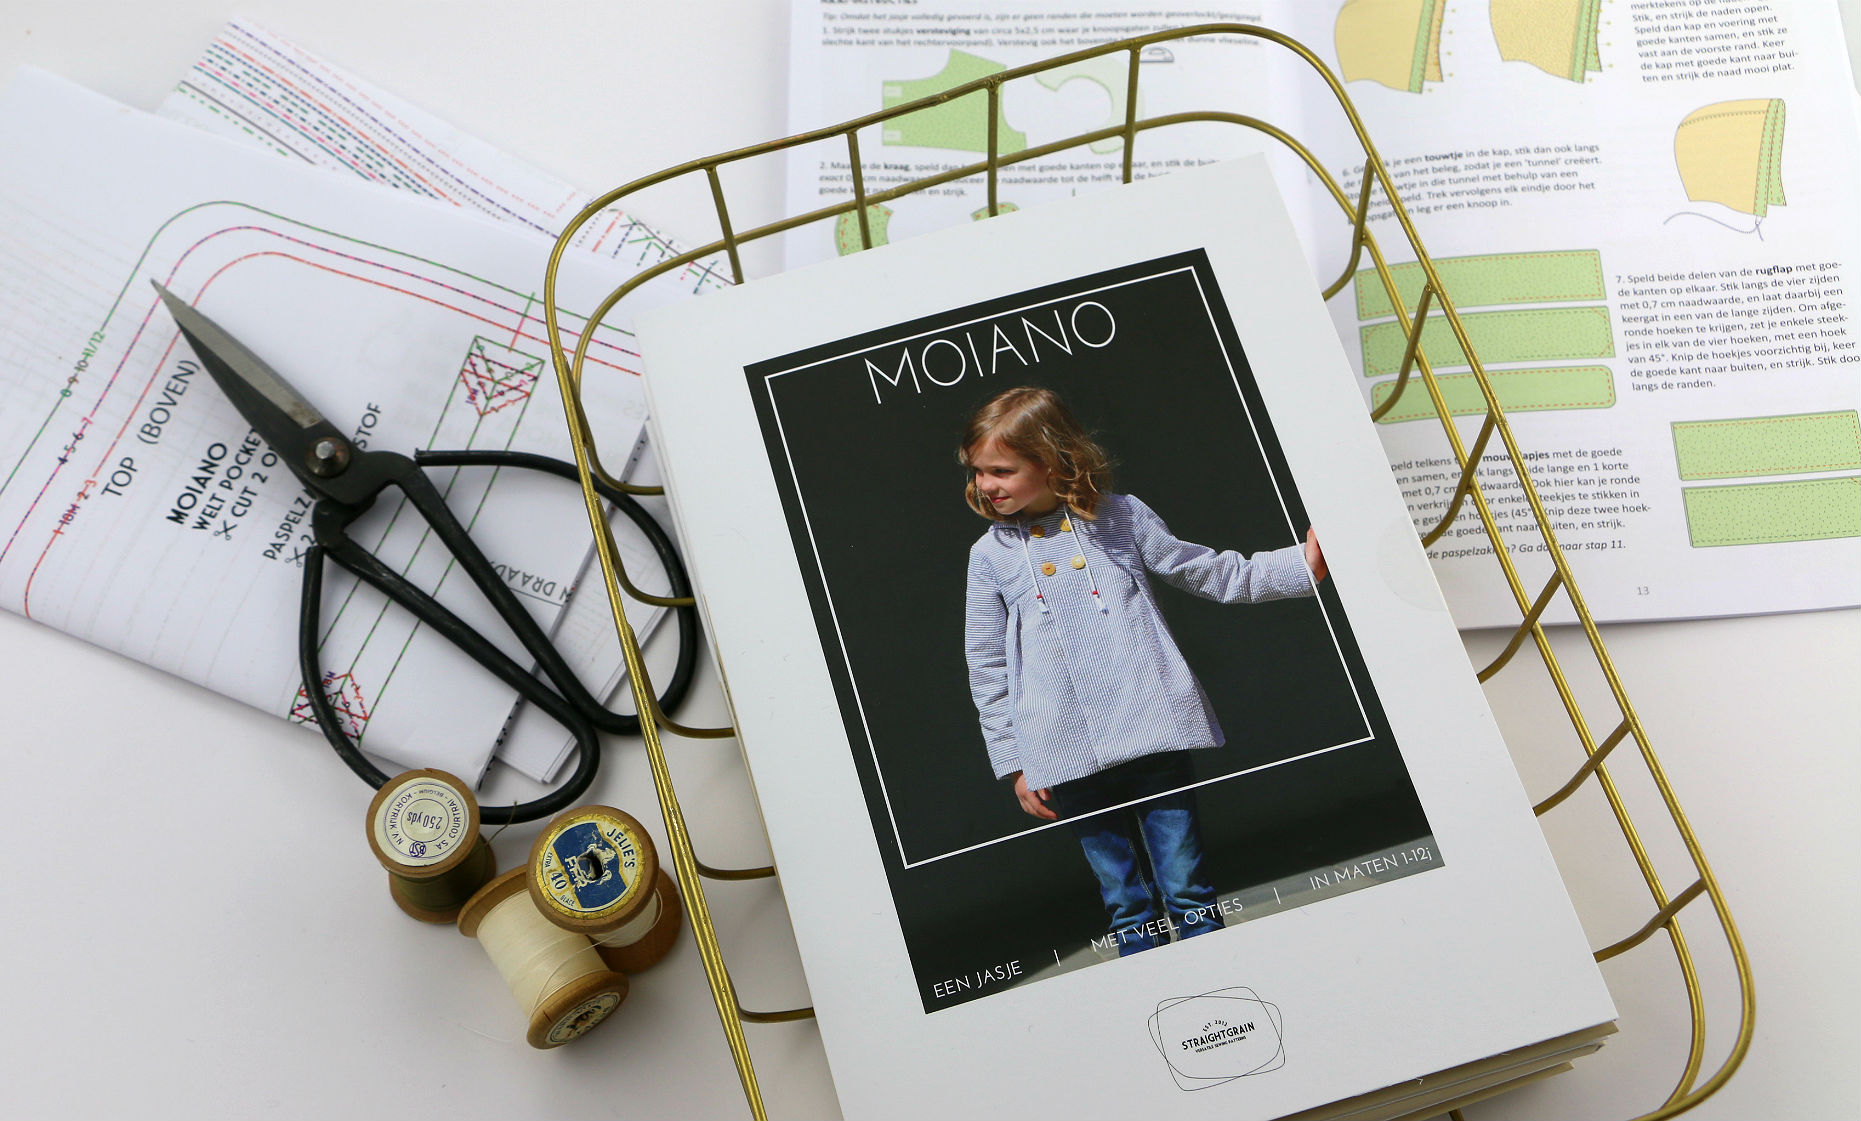 Moiano paper pattern (English)